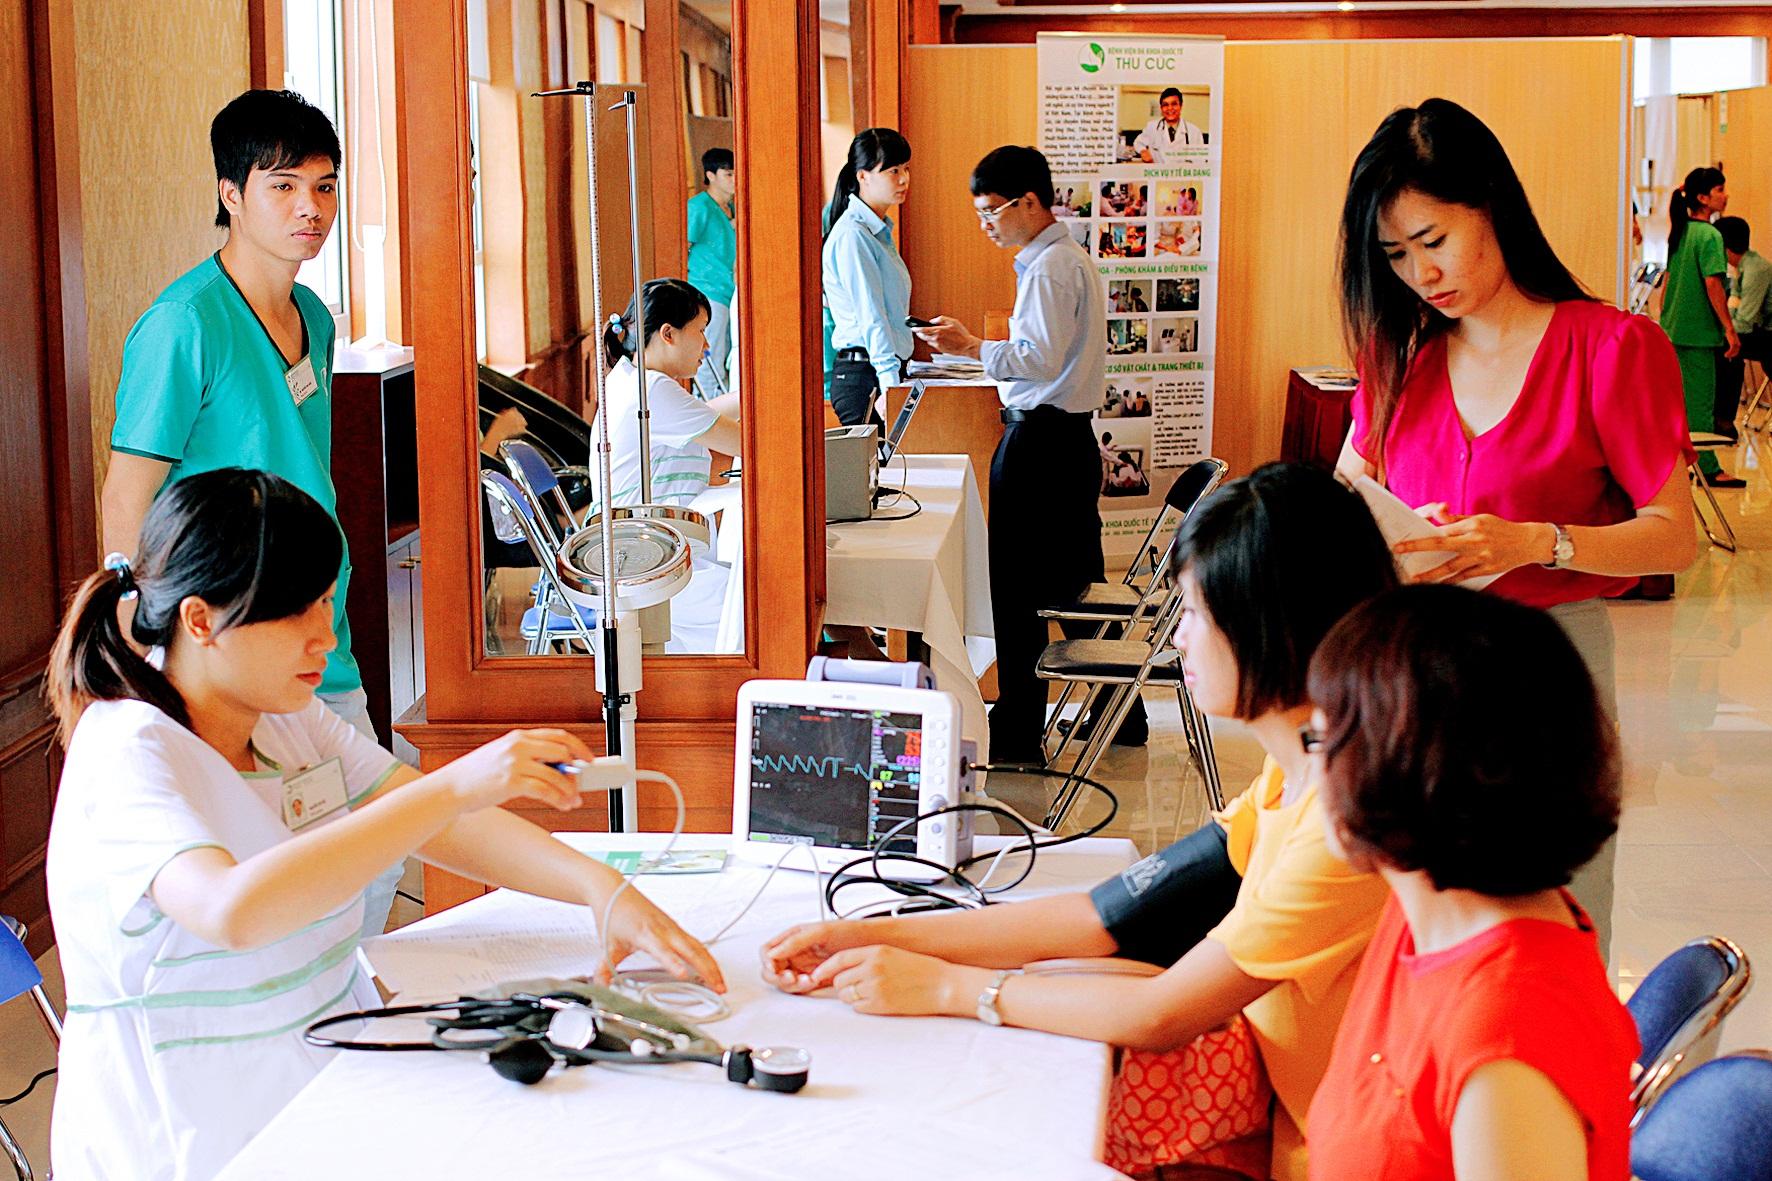 Kiểm tra sức khỏe ngay hôm nay nếu bạn có dự định đi du học Hàn Quốc nhé !